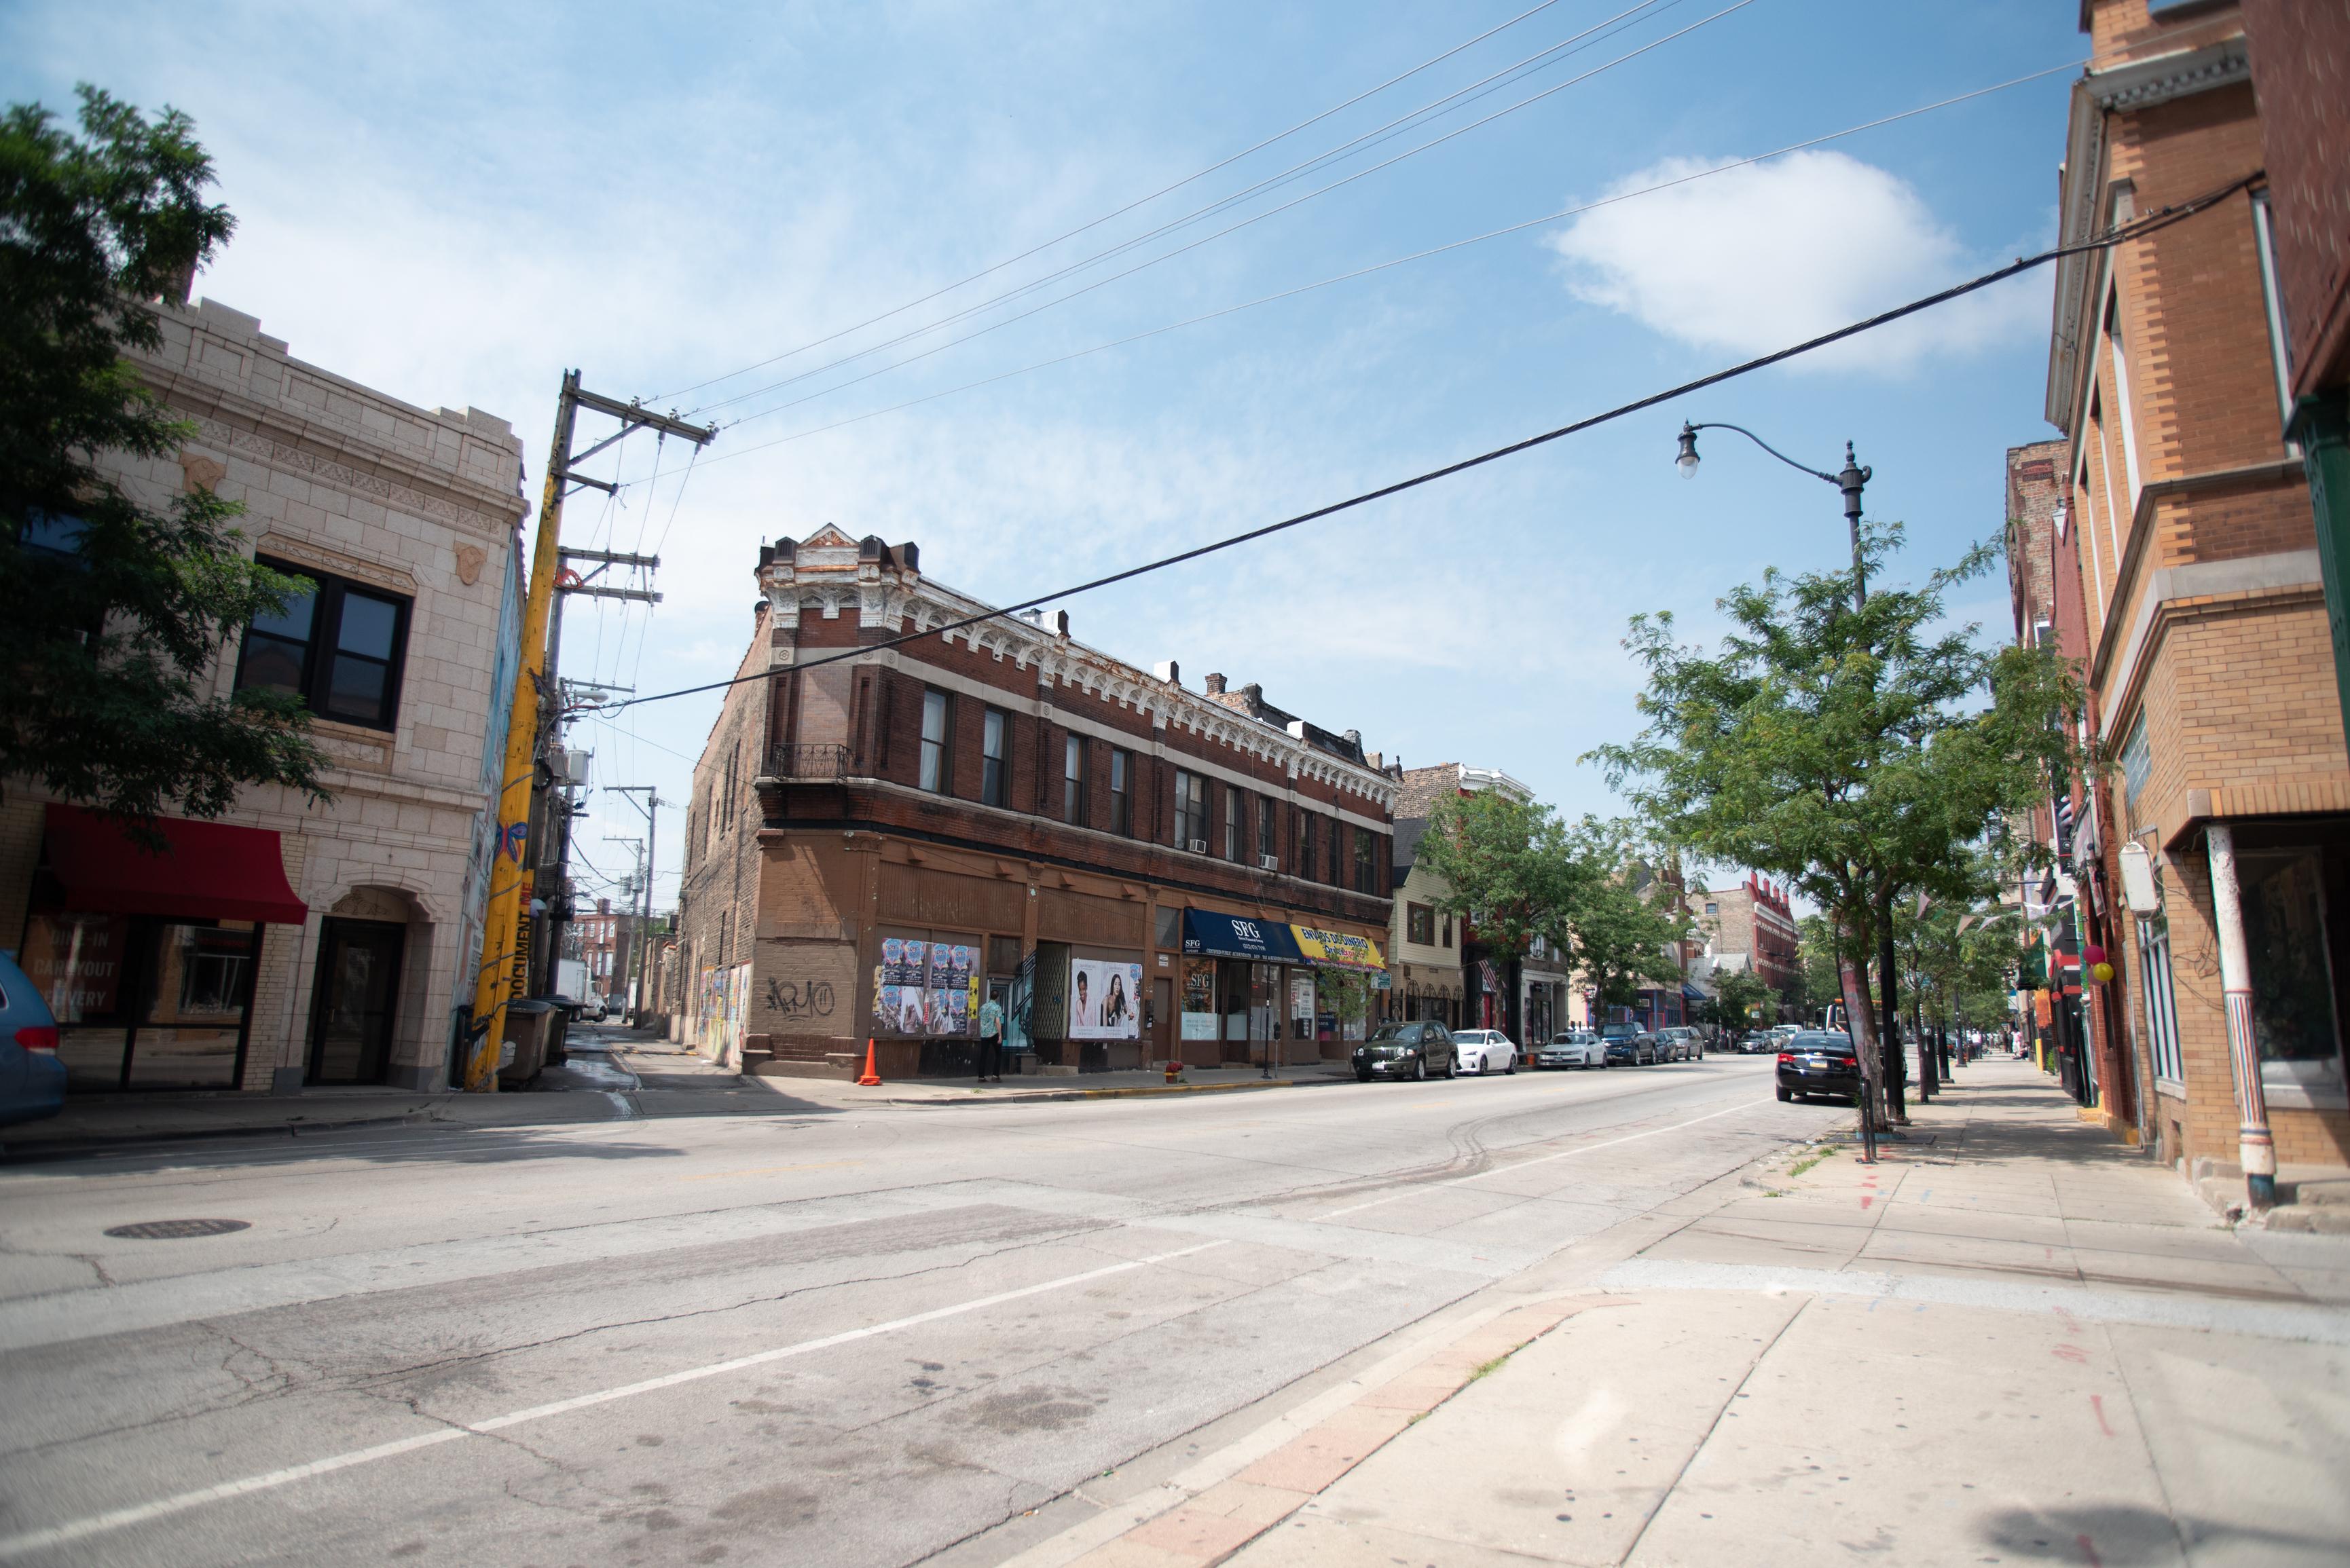 Looking west on 18th Street in Chicago's Pilsen neighborhood.